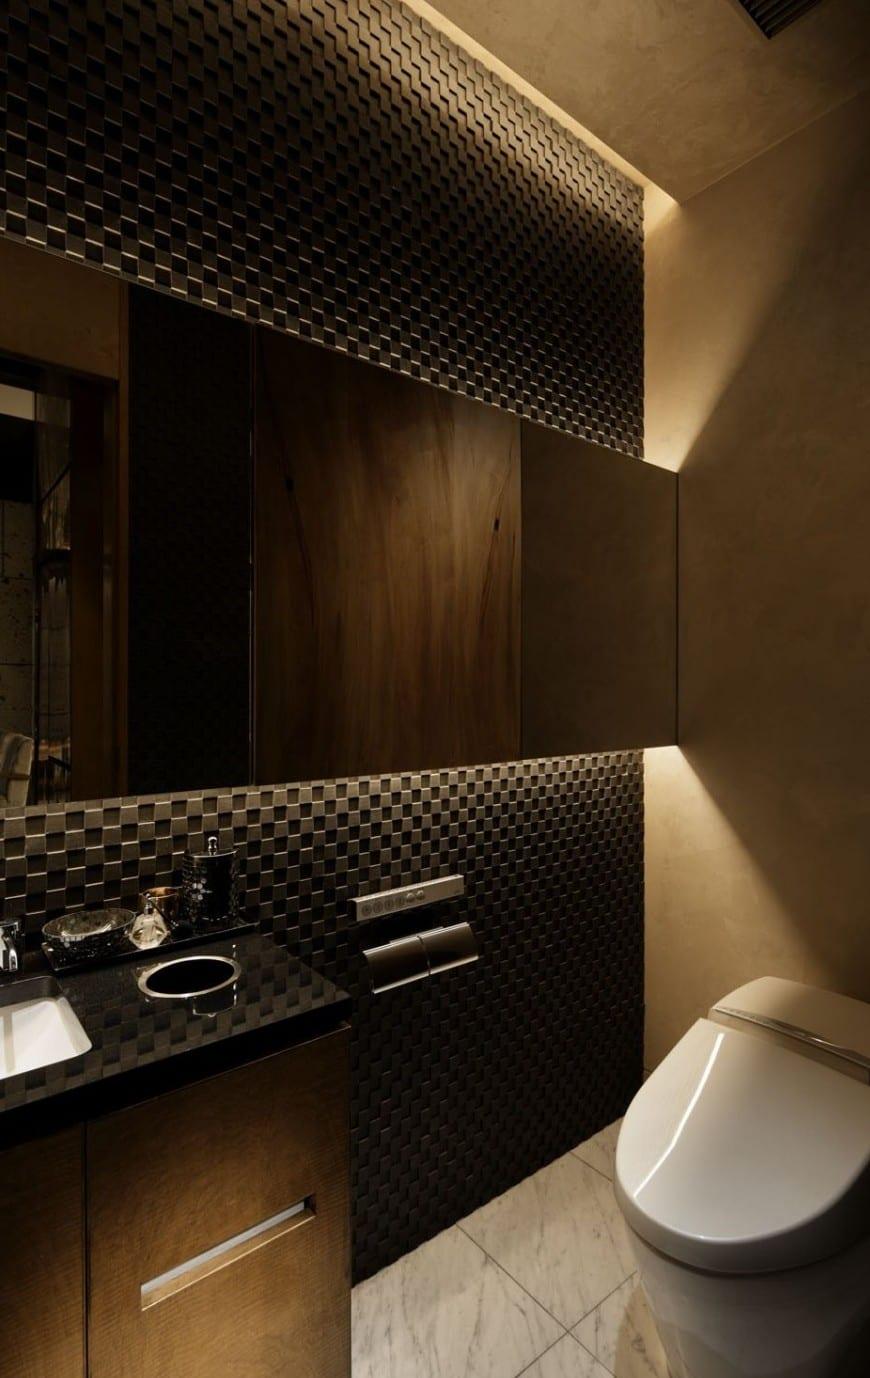 moderne badezimmer gestalten mit schwarzen wandpaneelen und indirekter deckenbeleuchtung über wandhängespiegel